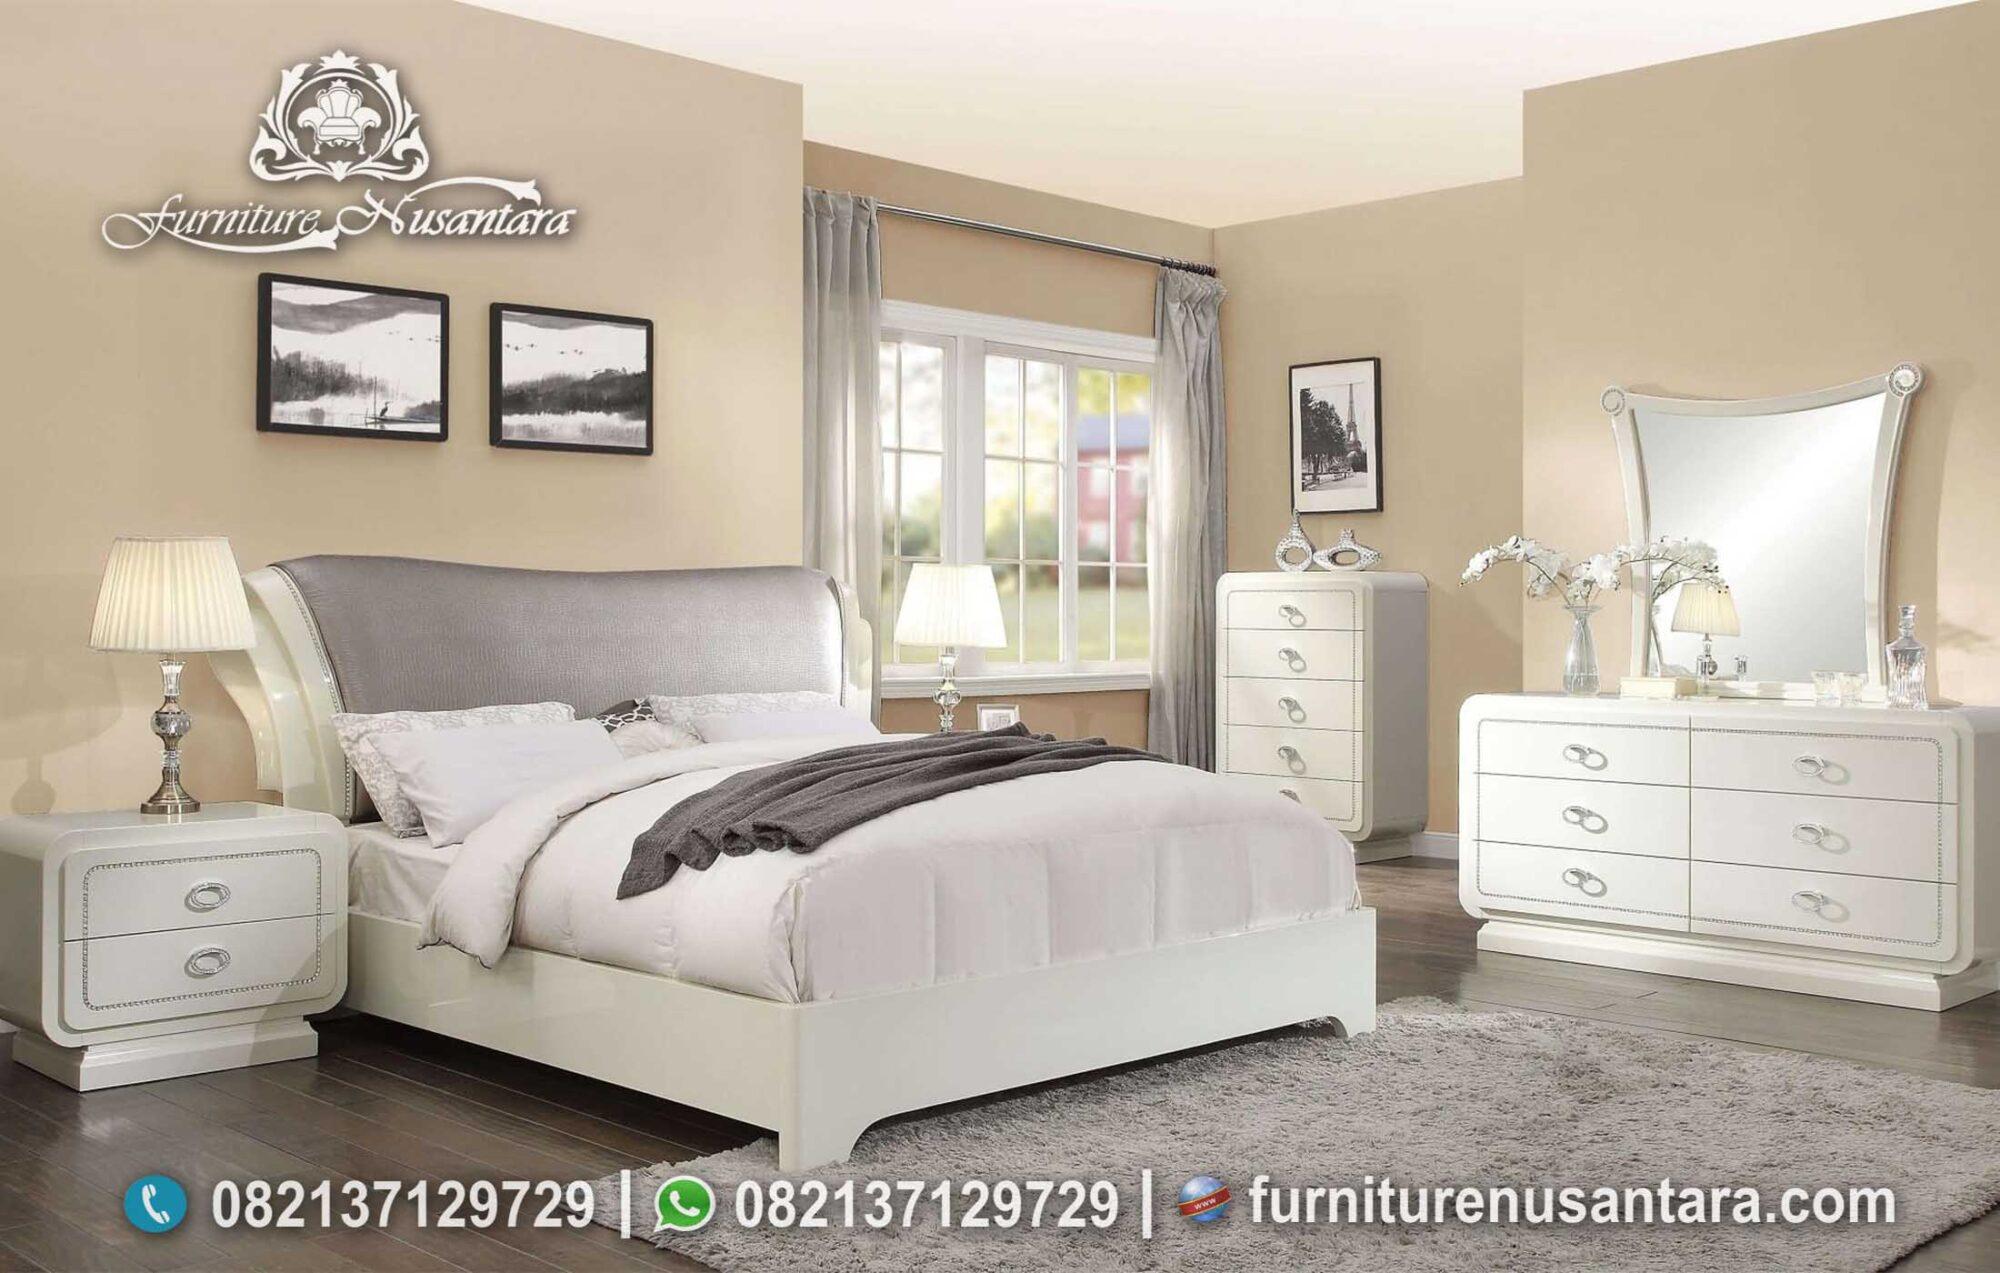 Desain Kamar Tidur Putih Mutiara KS-138, Furniture Nusantara